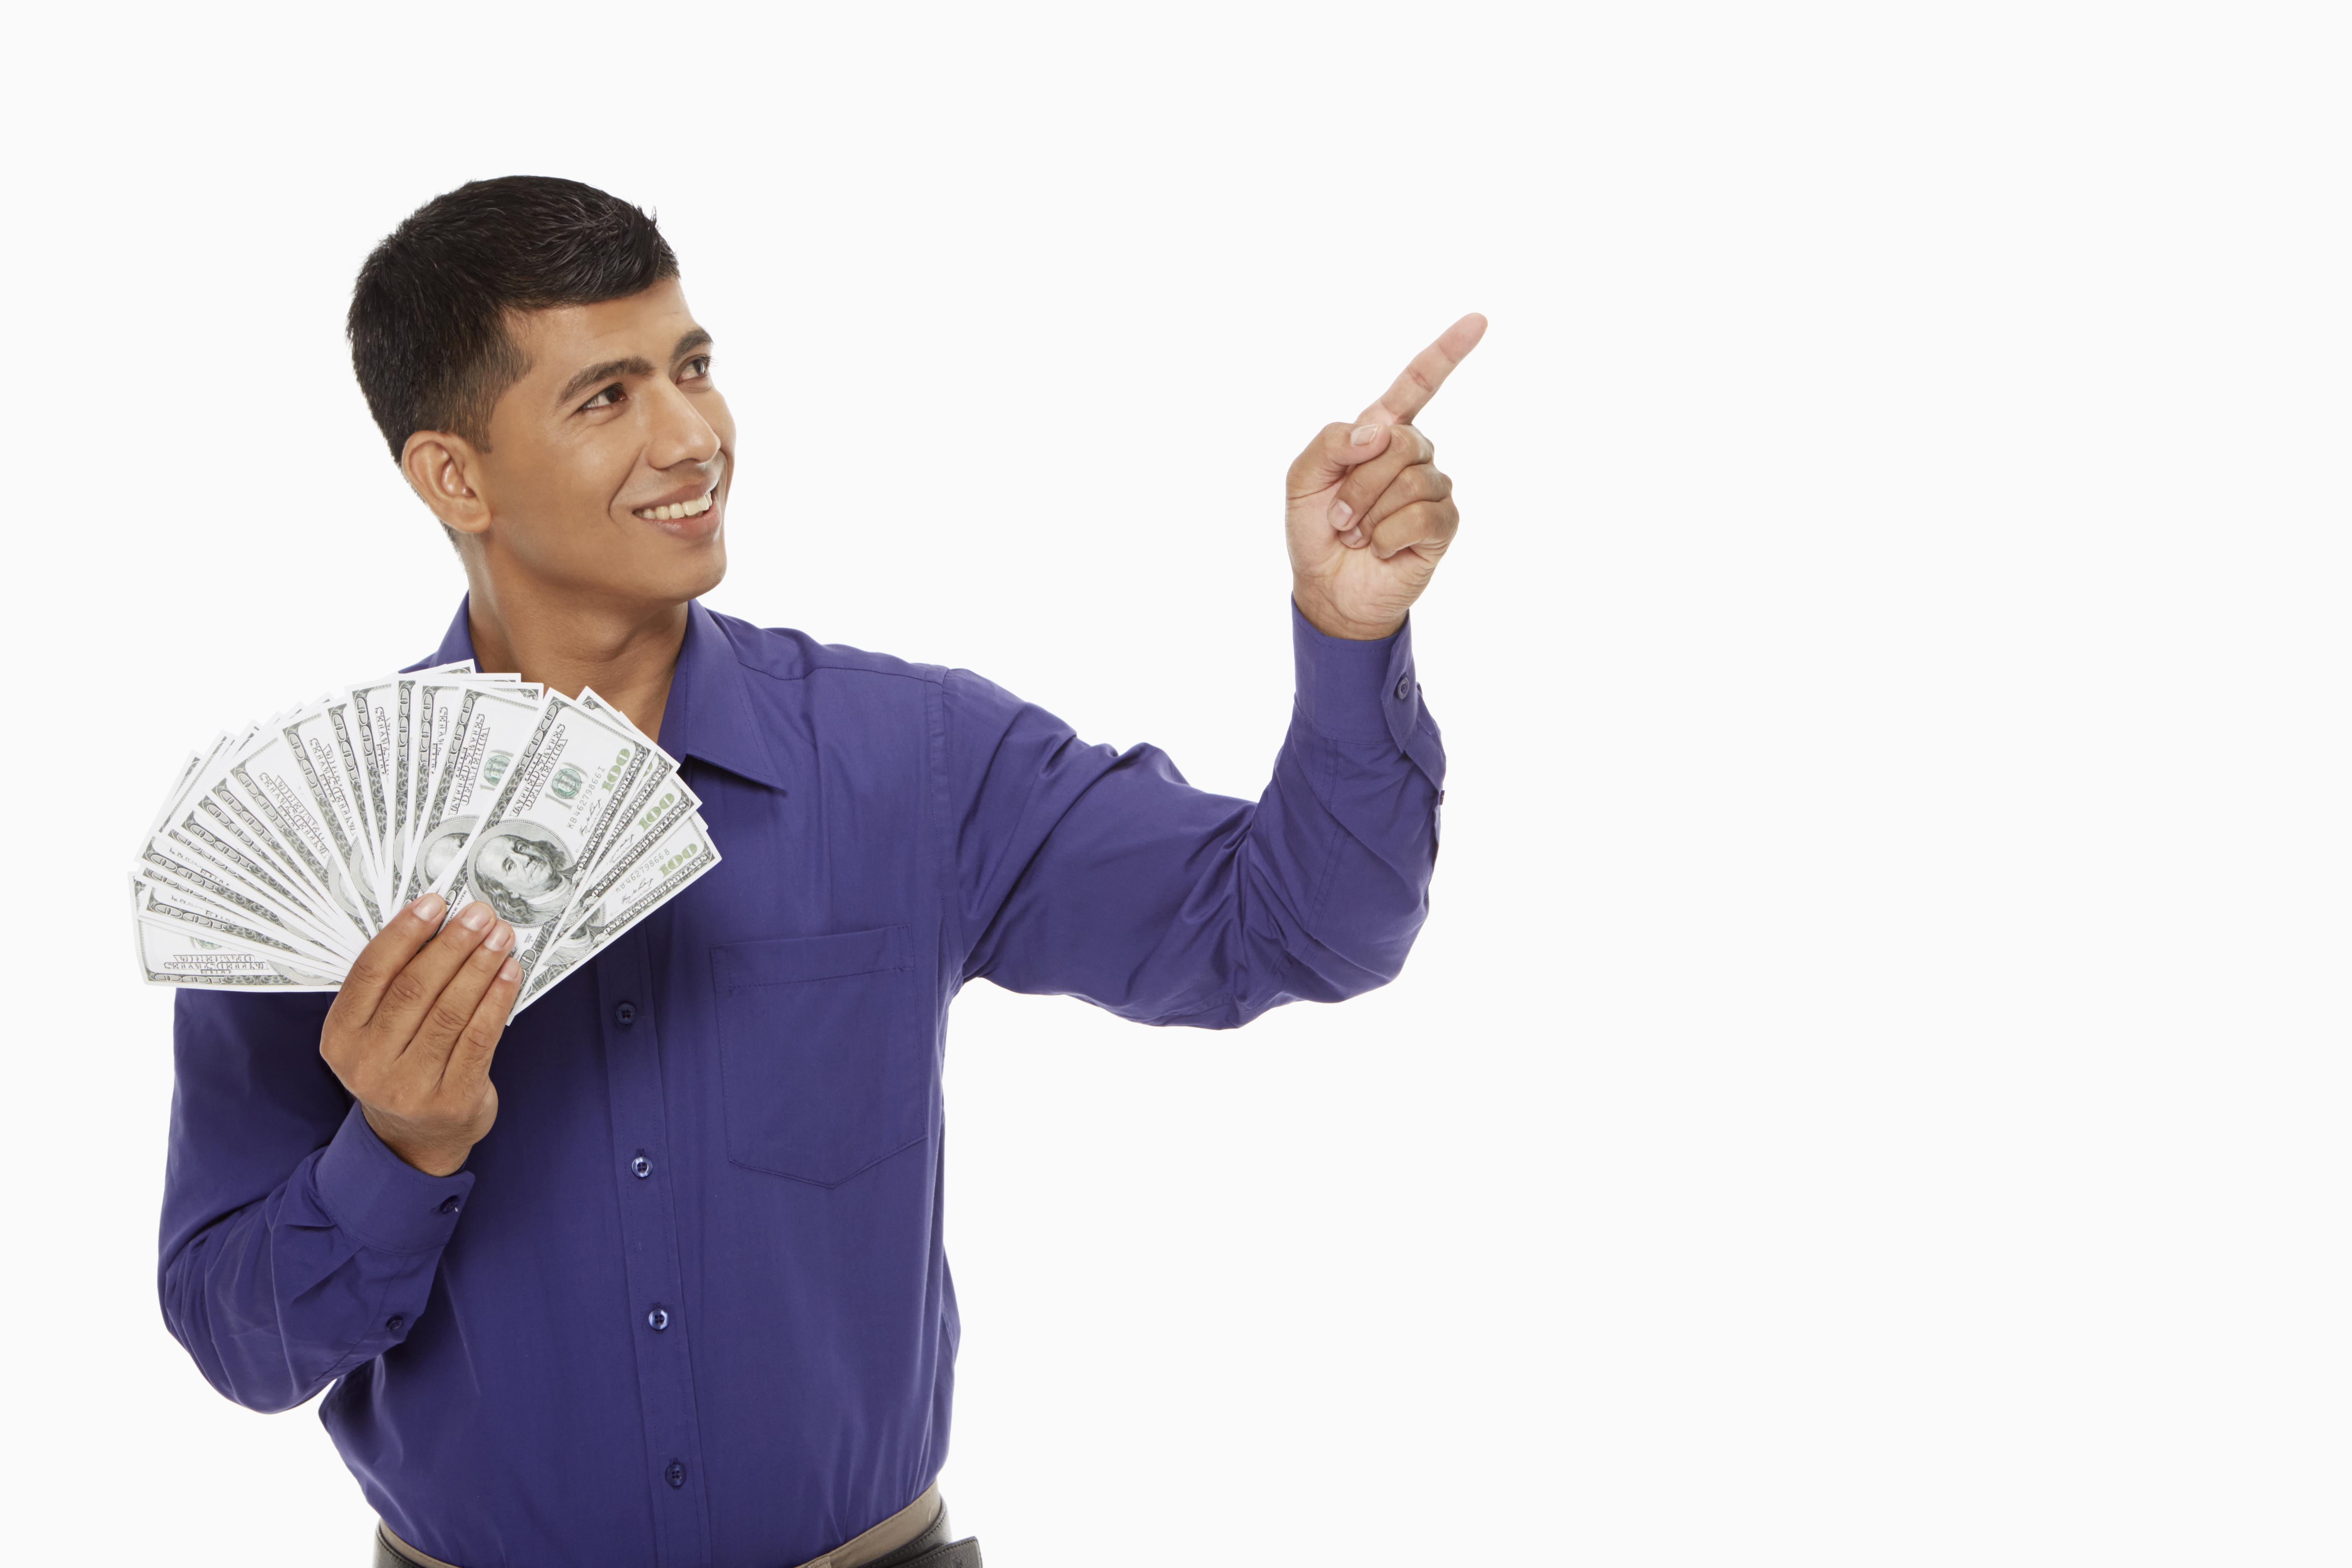 Казино Вулкан - лучший выбор для игры на деньги